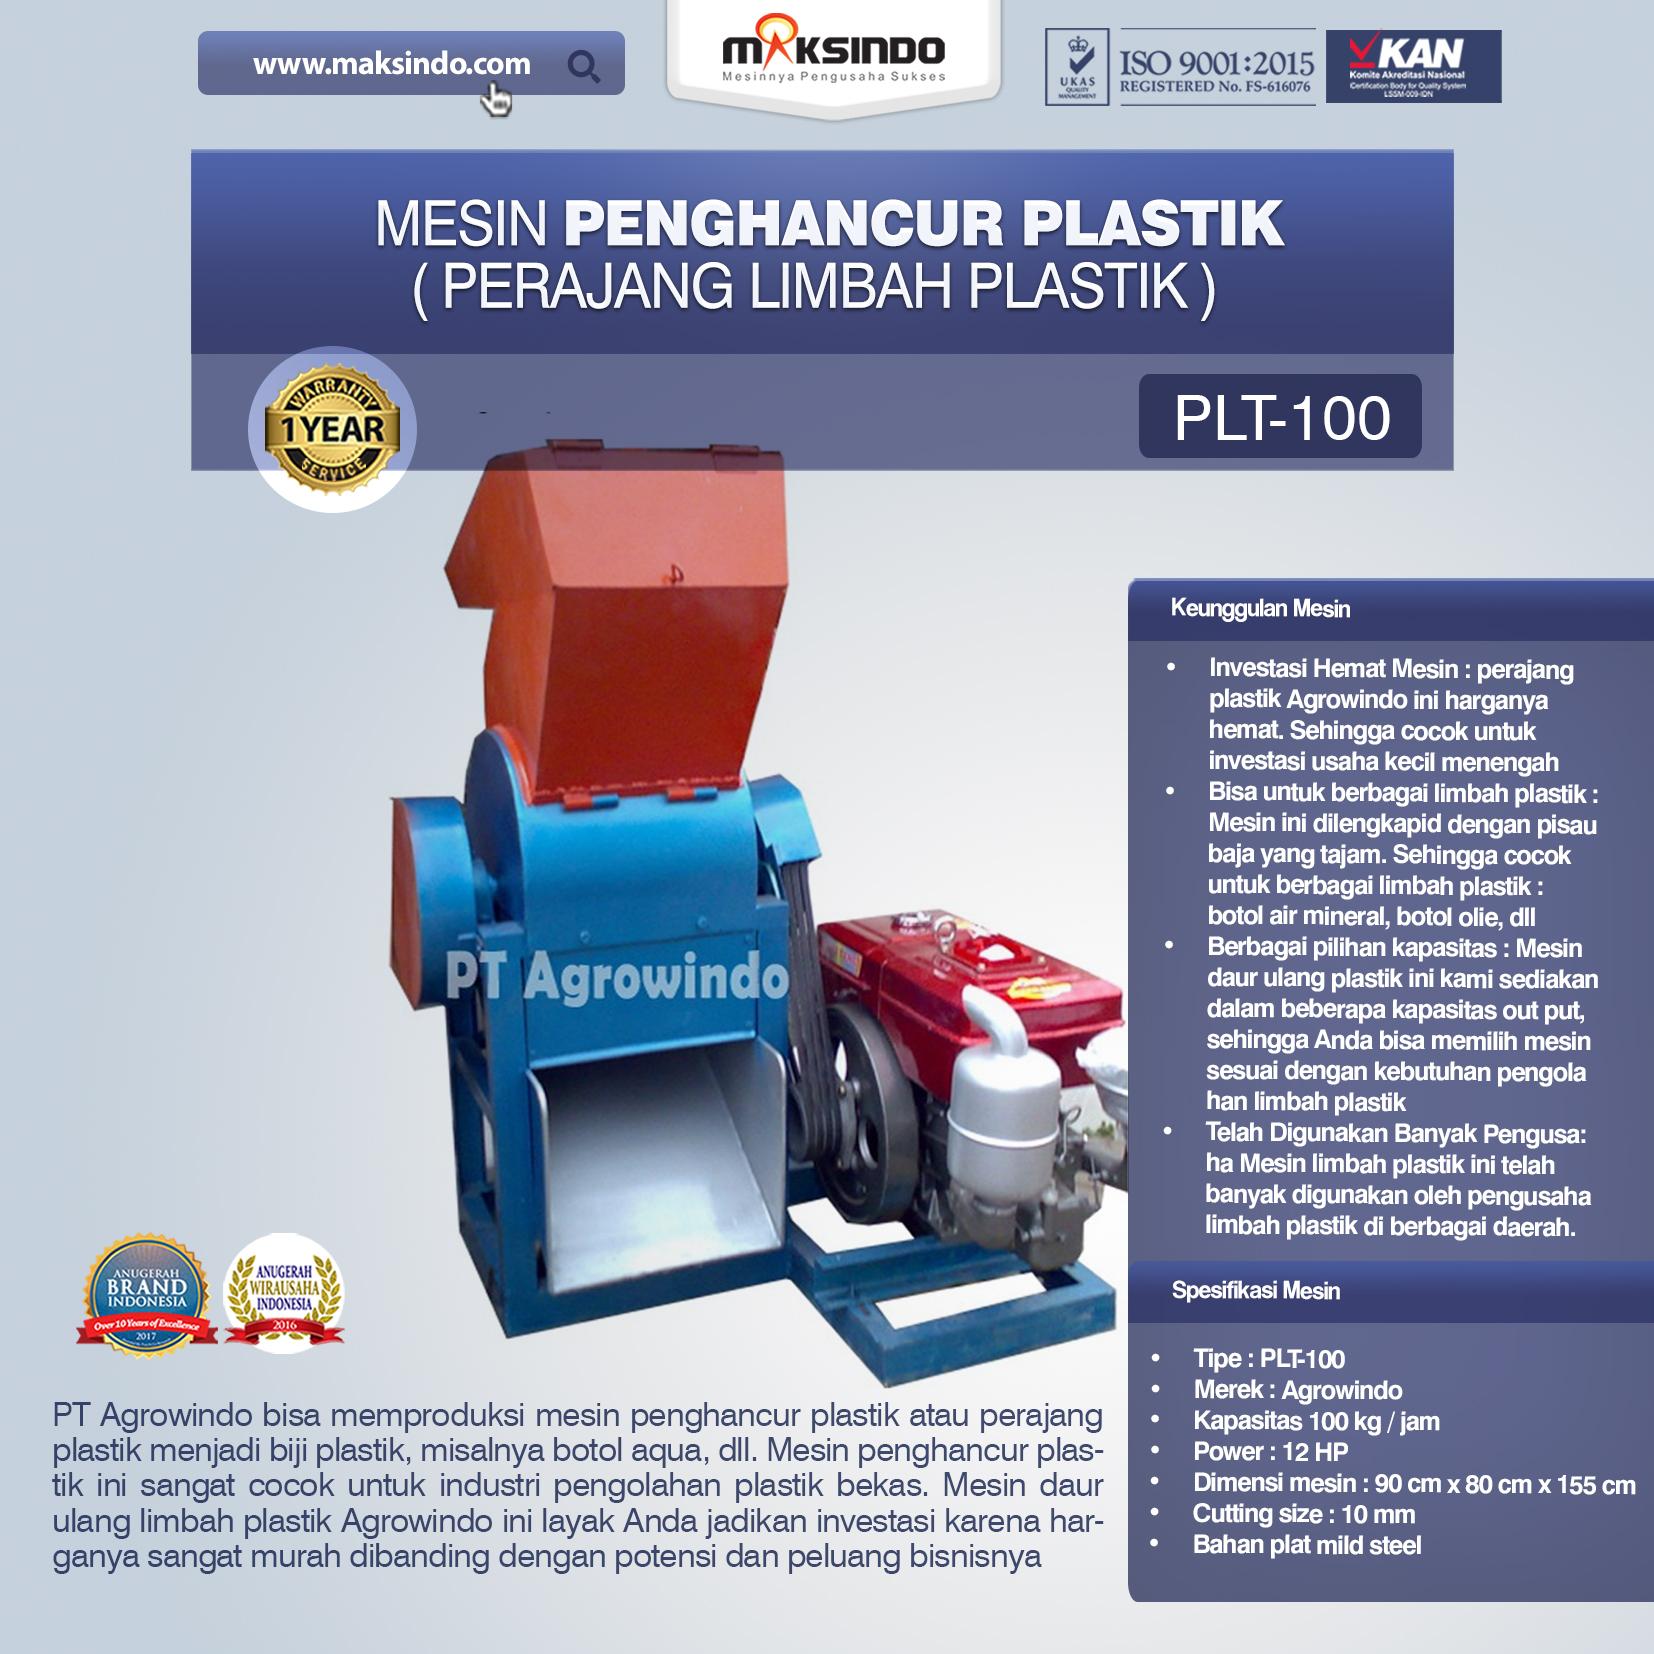 Jual Mesin Penghancur Plastik (Perajang Limbah Plastik) di Mataram